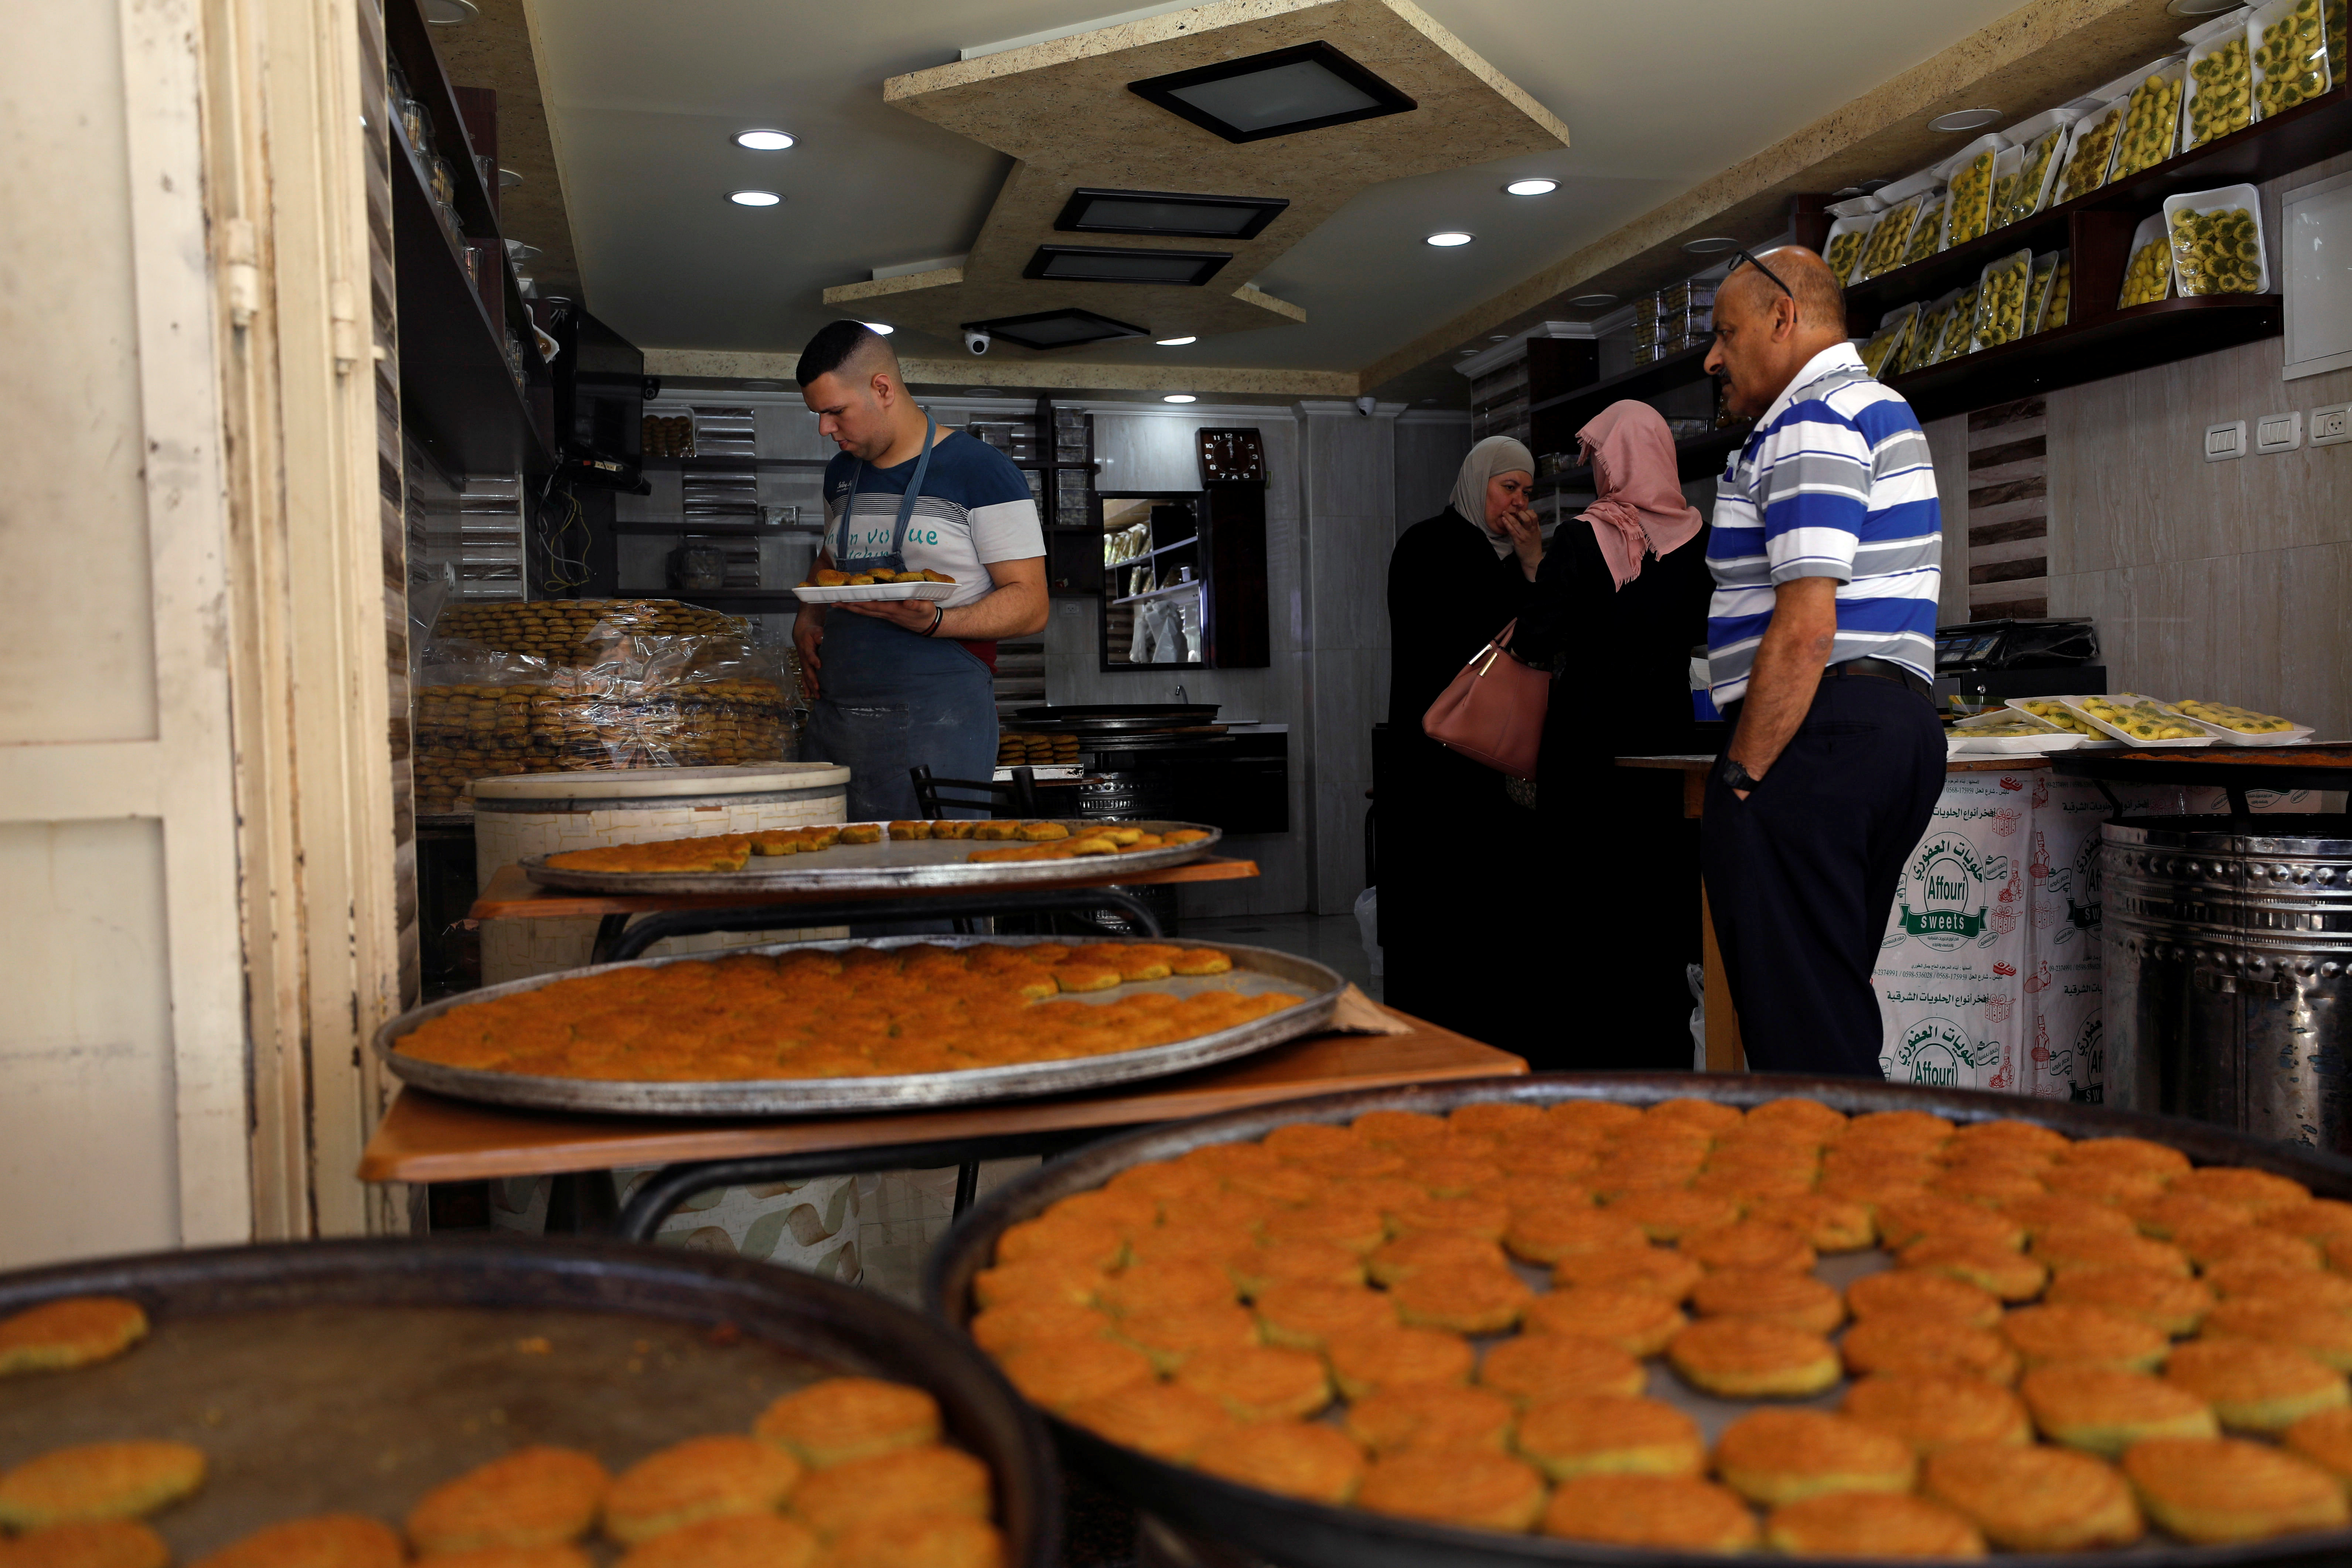 متجر لبيع الحلويات في مدينة نابلس